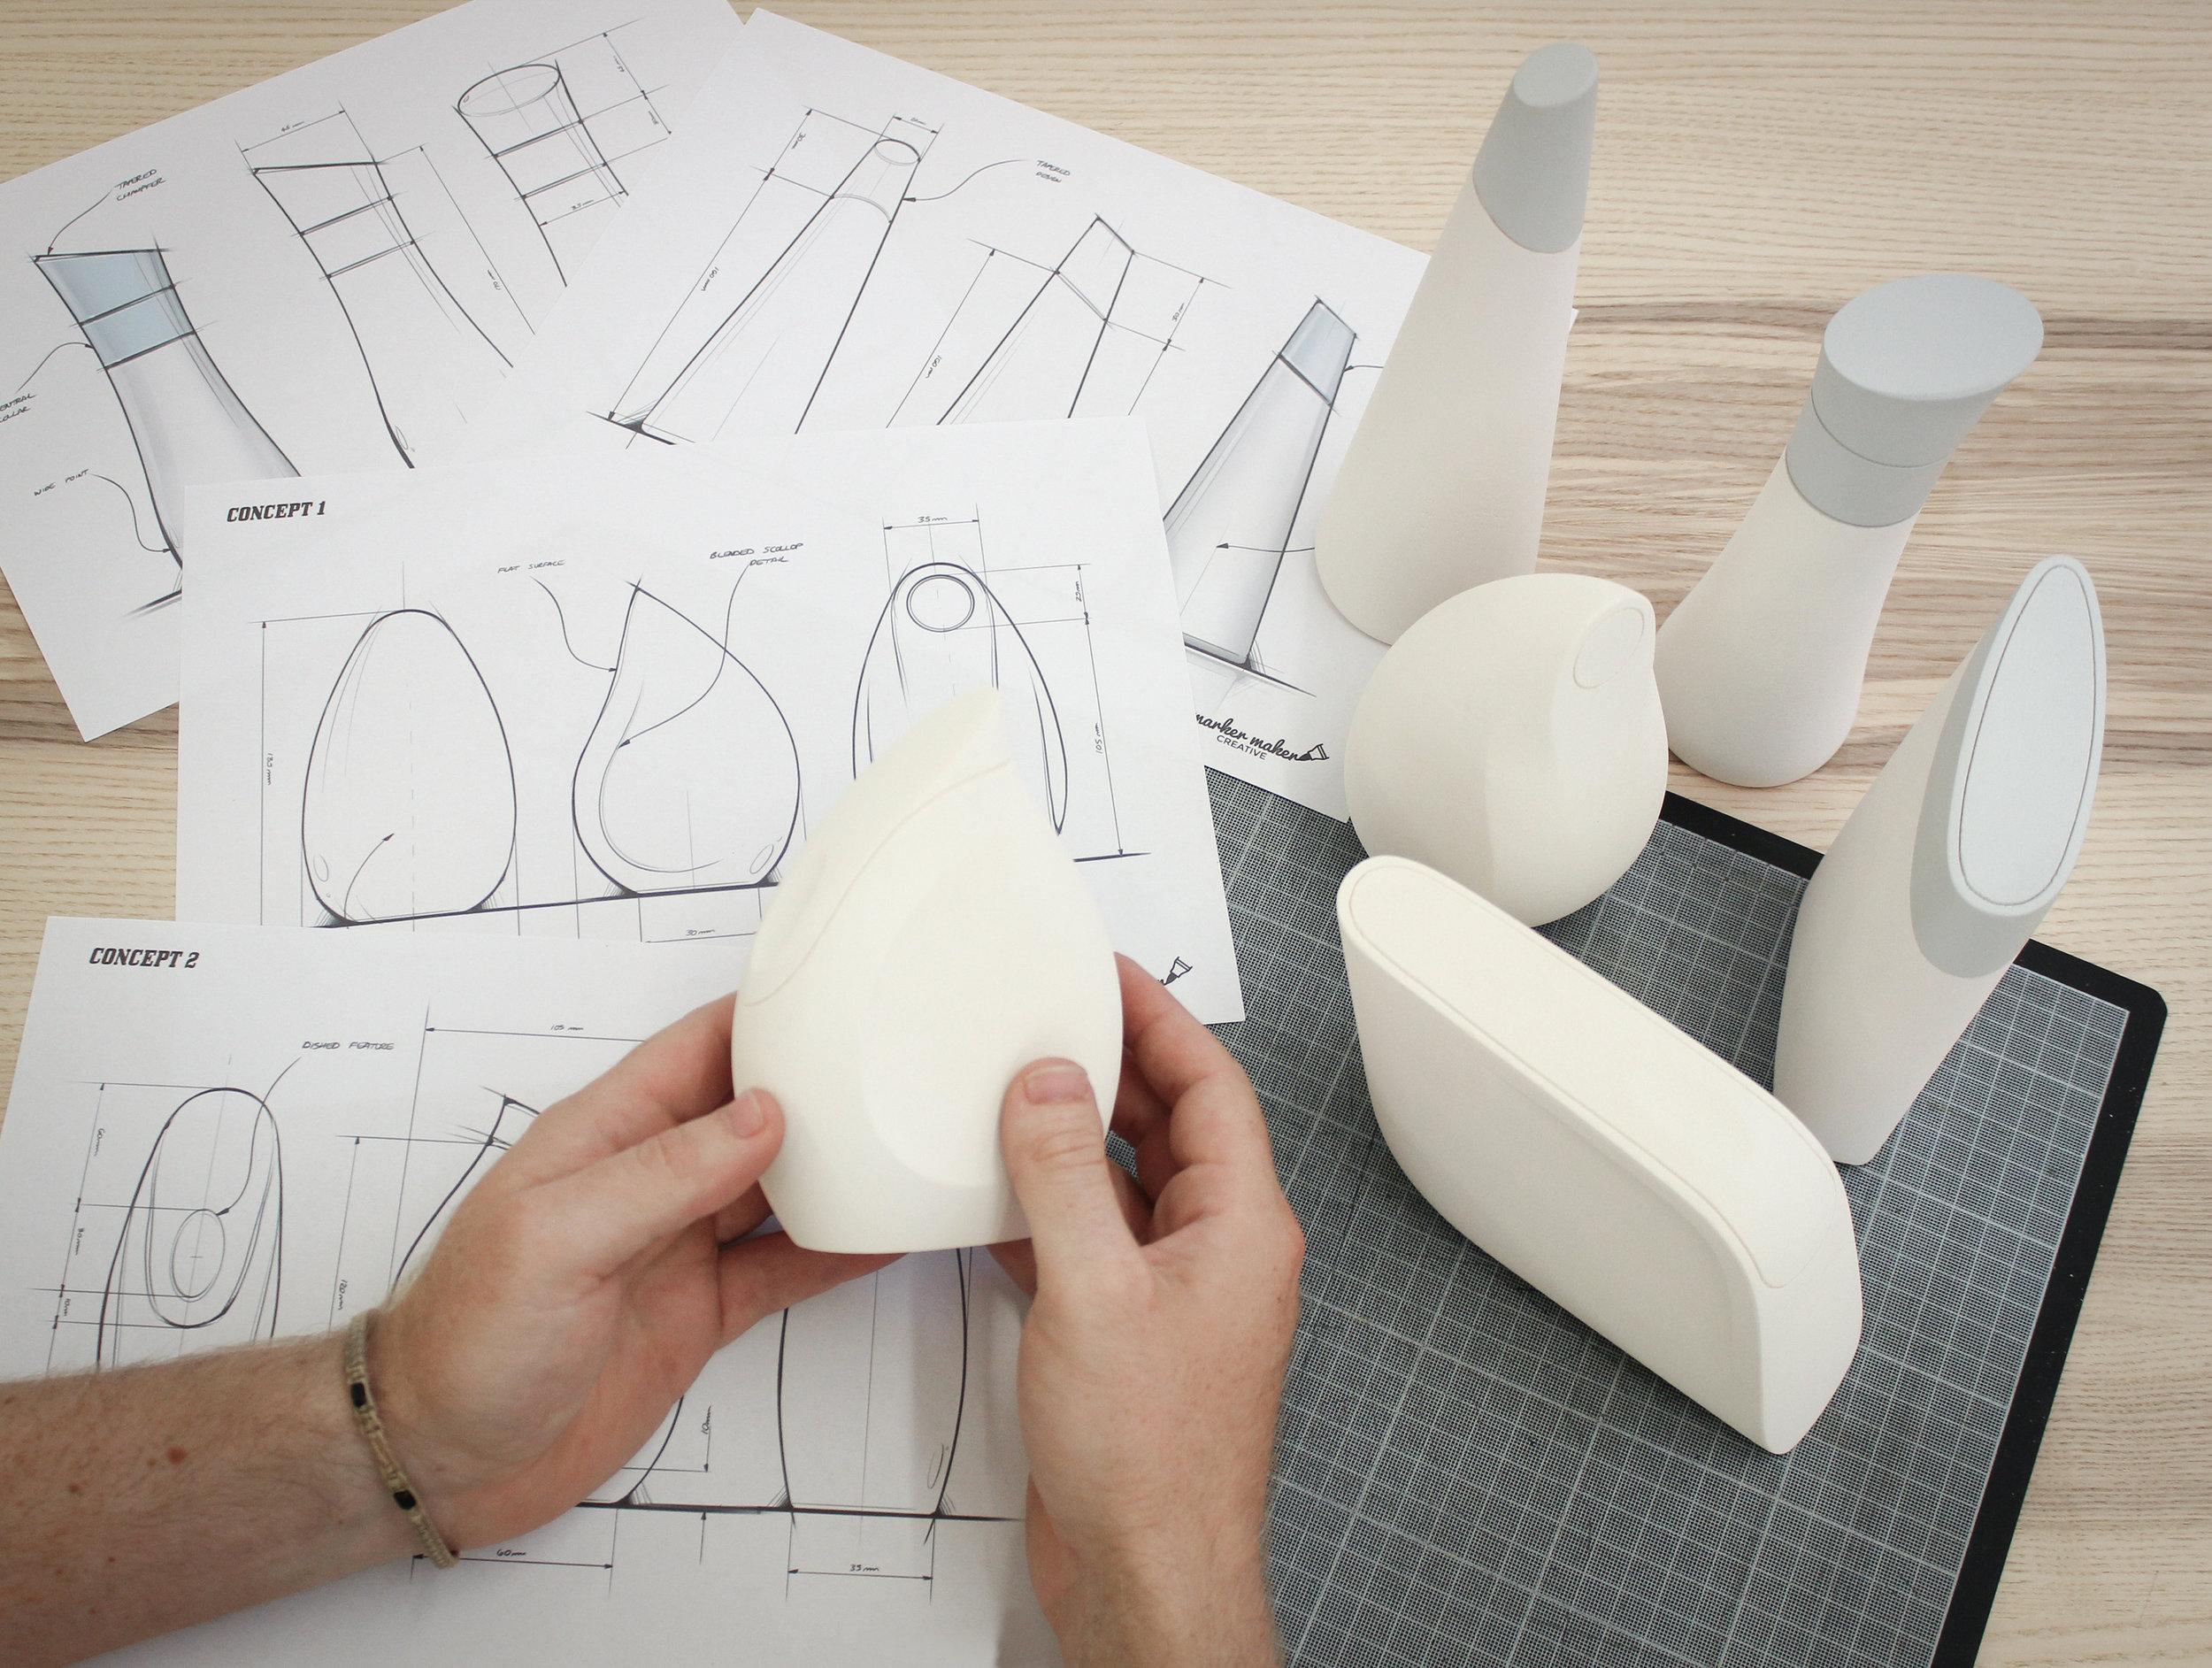 Industrial Design Agency Bristol - Handmade Foam Models